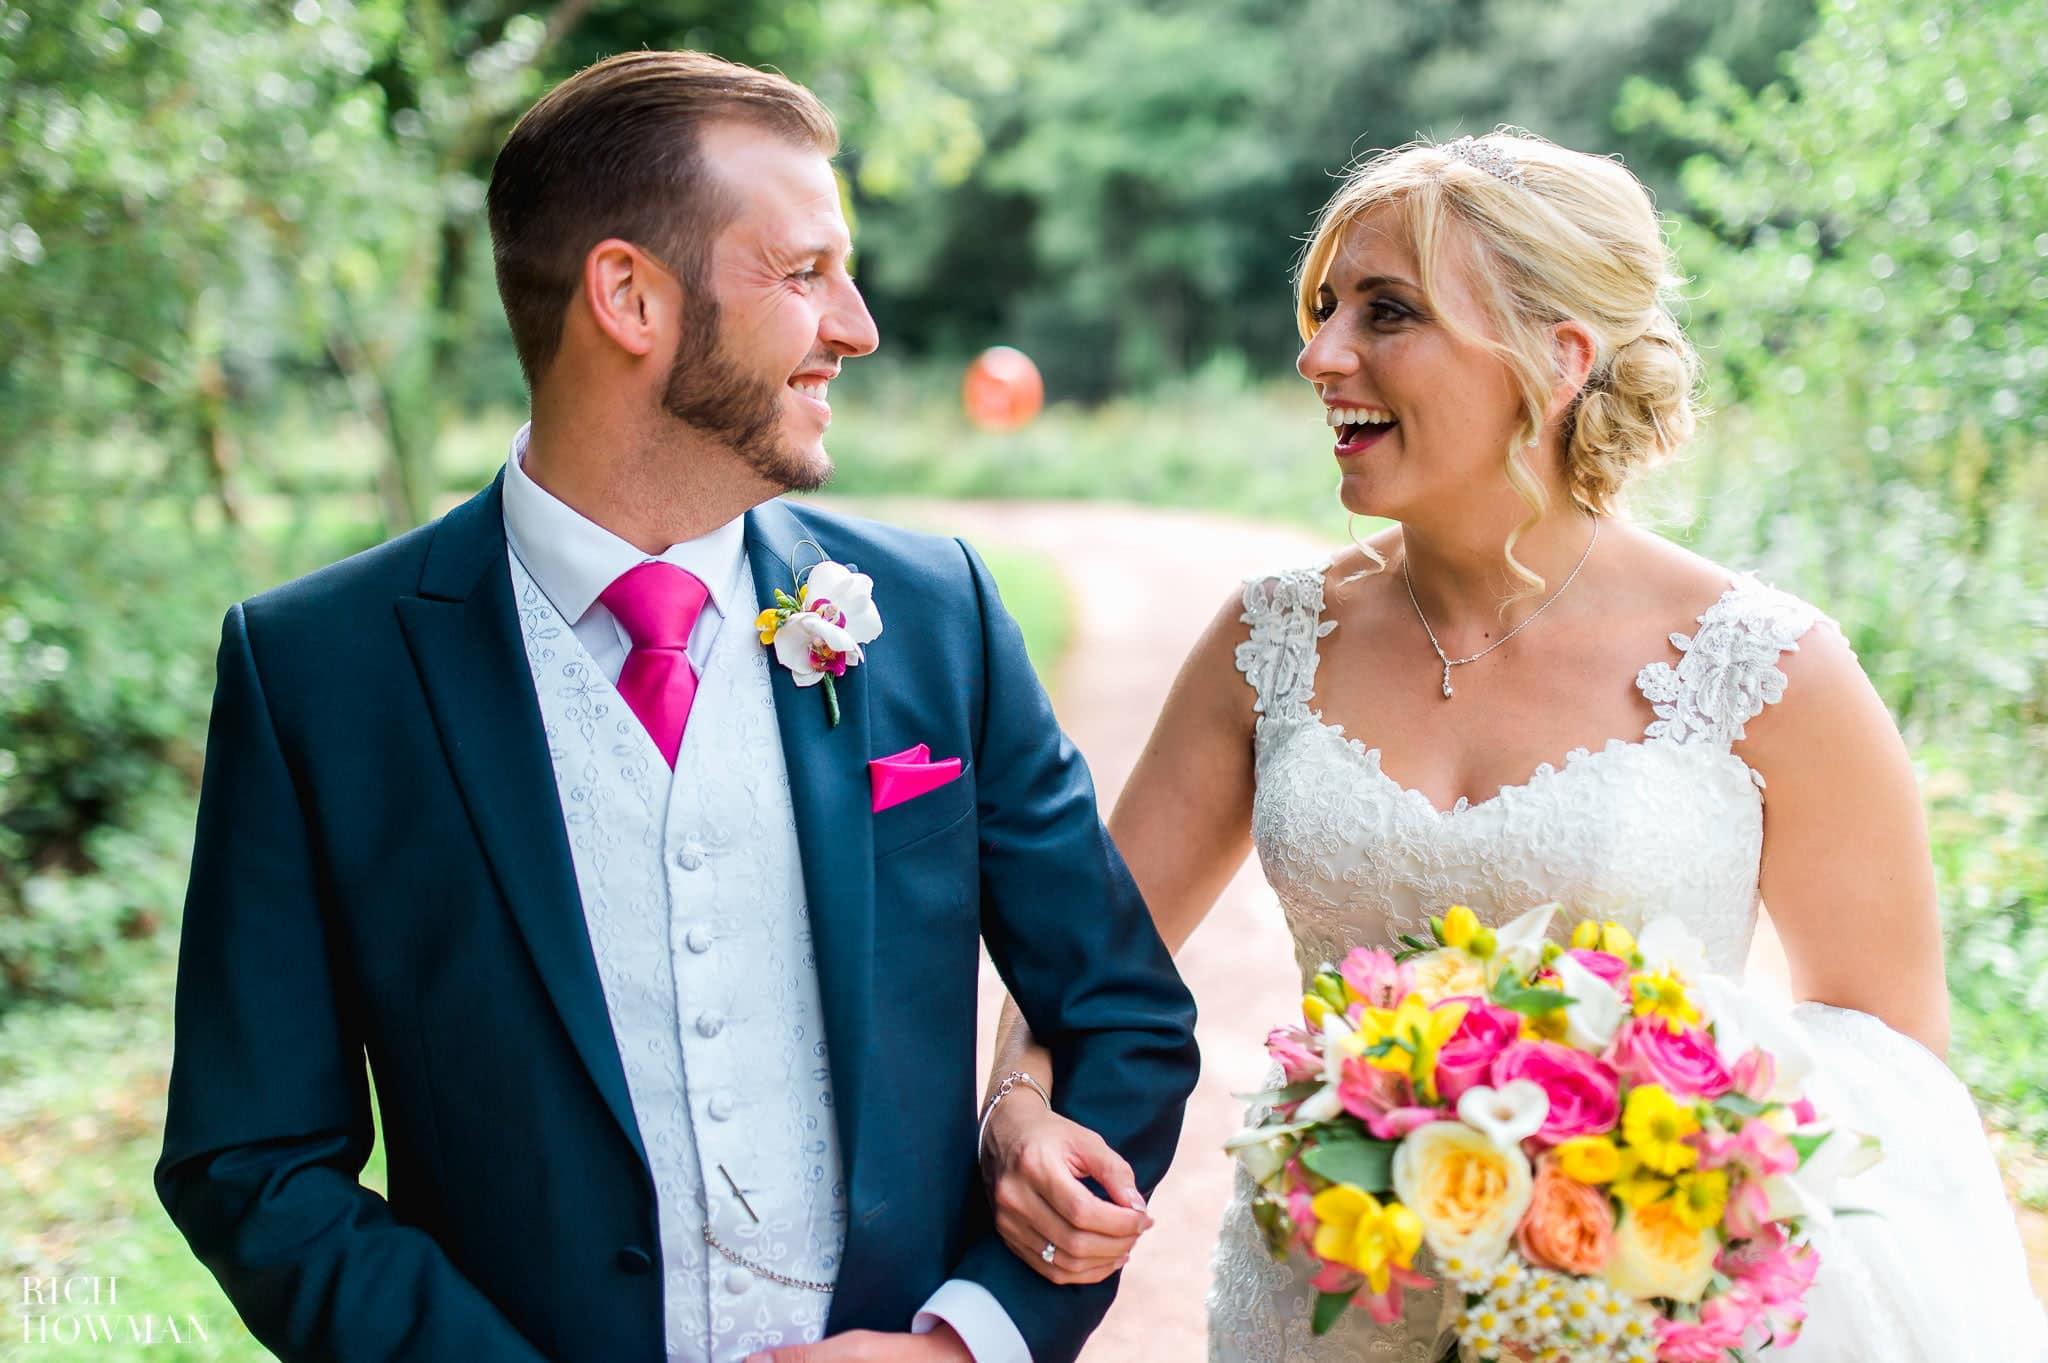 Llanerch Vineyard Wedding Photography by Rich Howman 46